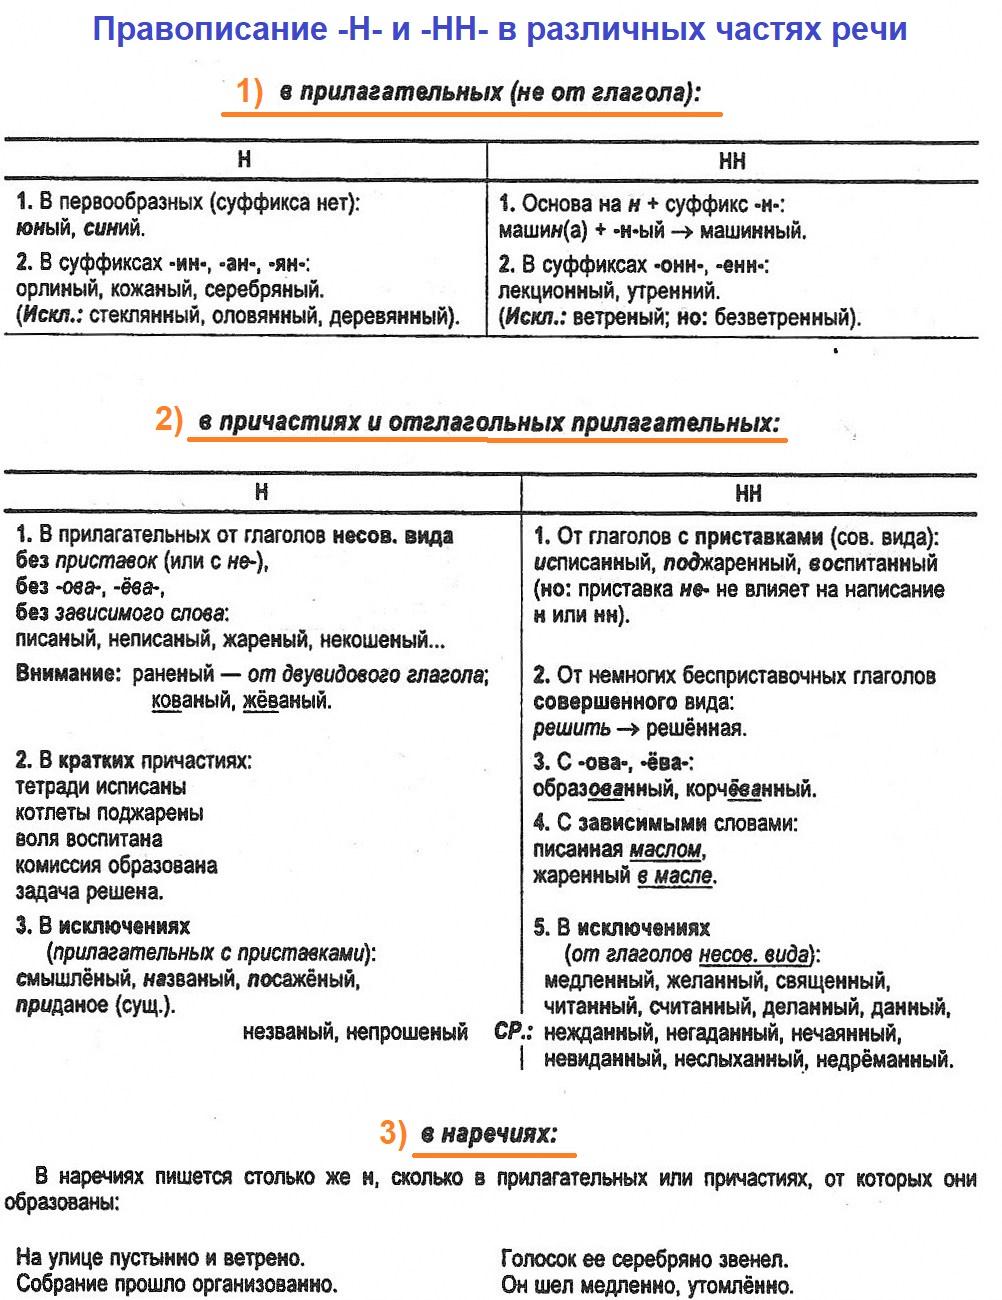 """""""Правописание -Н- и -НН- в различных частях речи"""" 1"""